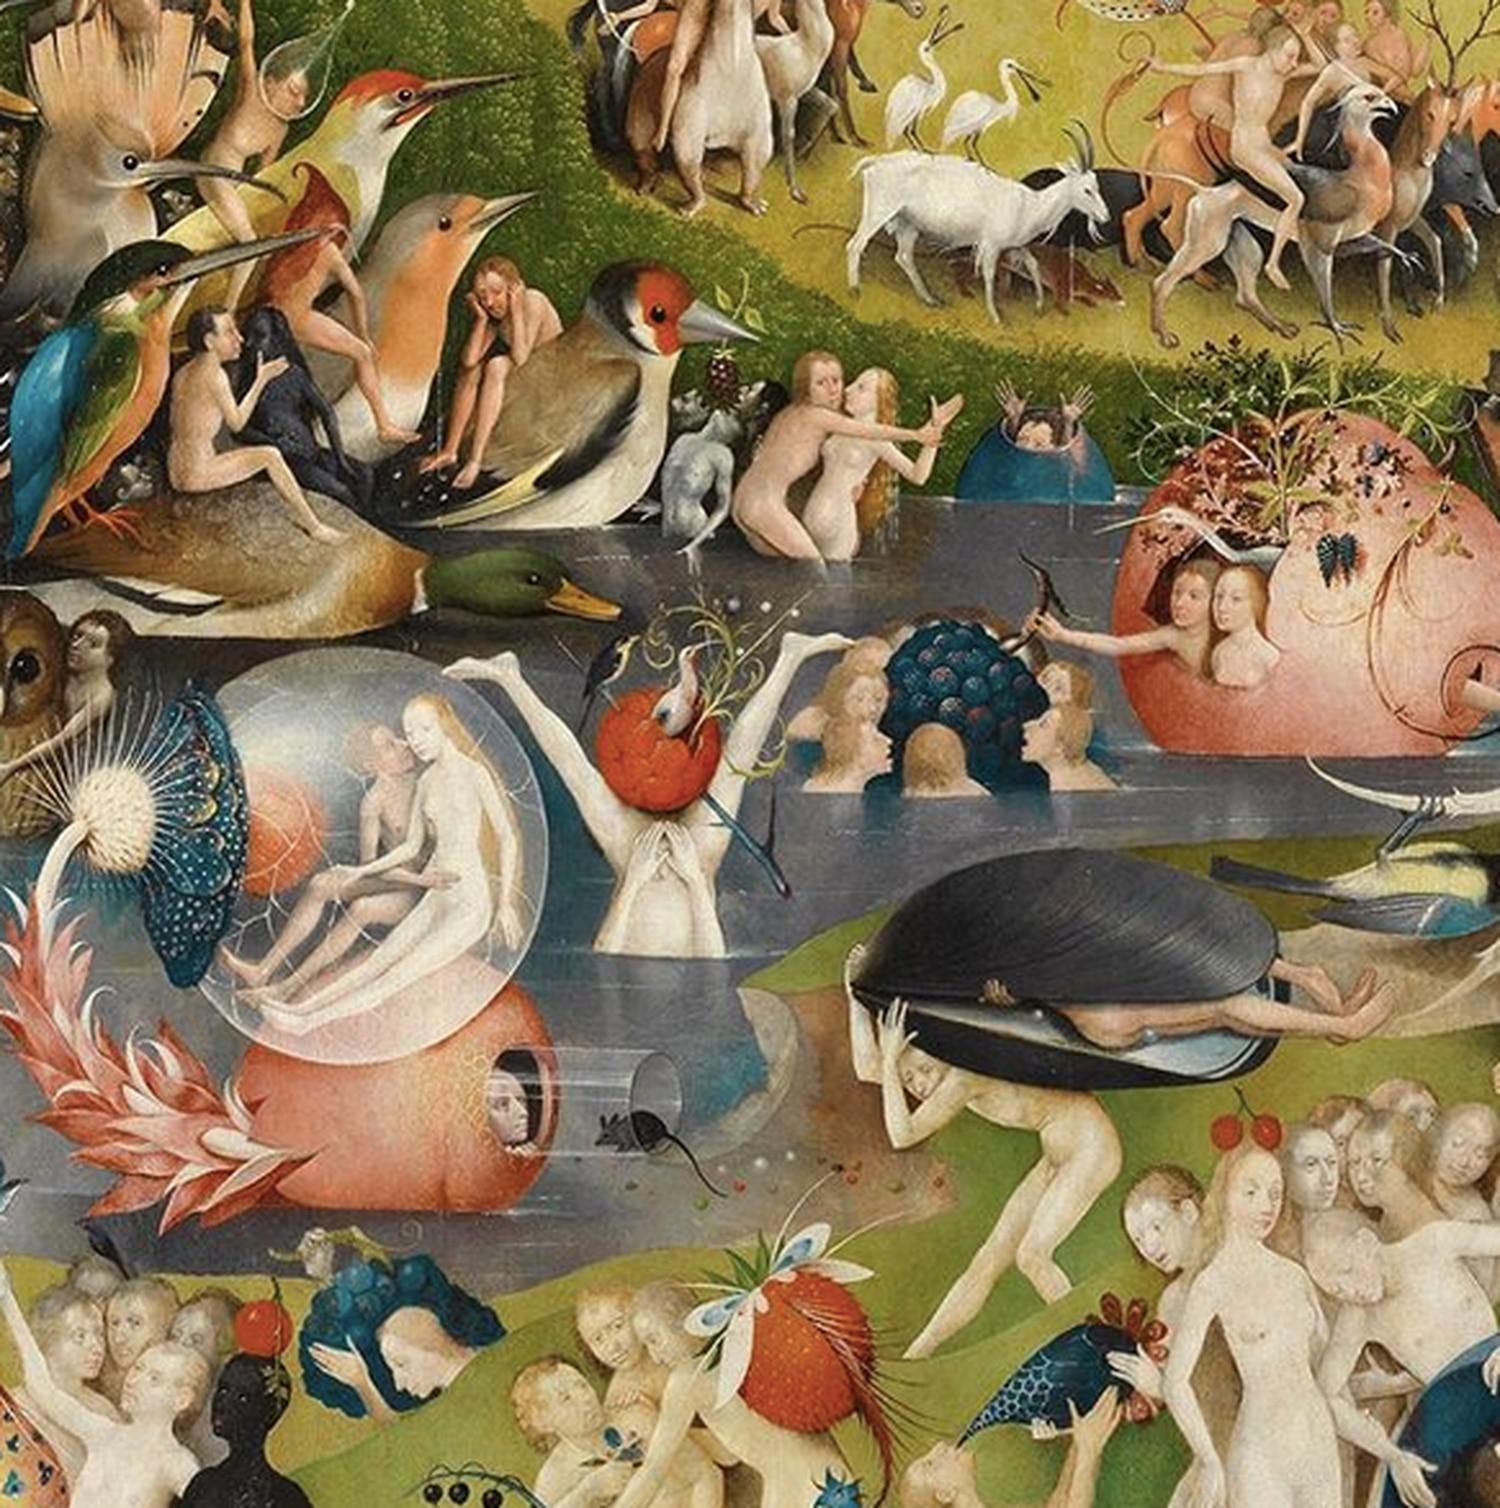 Un detalle del cuadro del Museo del Prado, el jardín de las Delicias